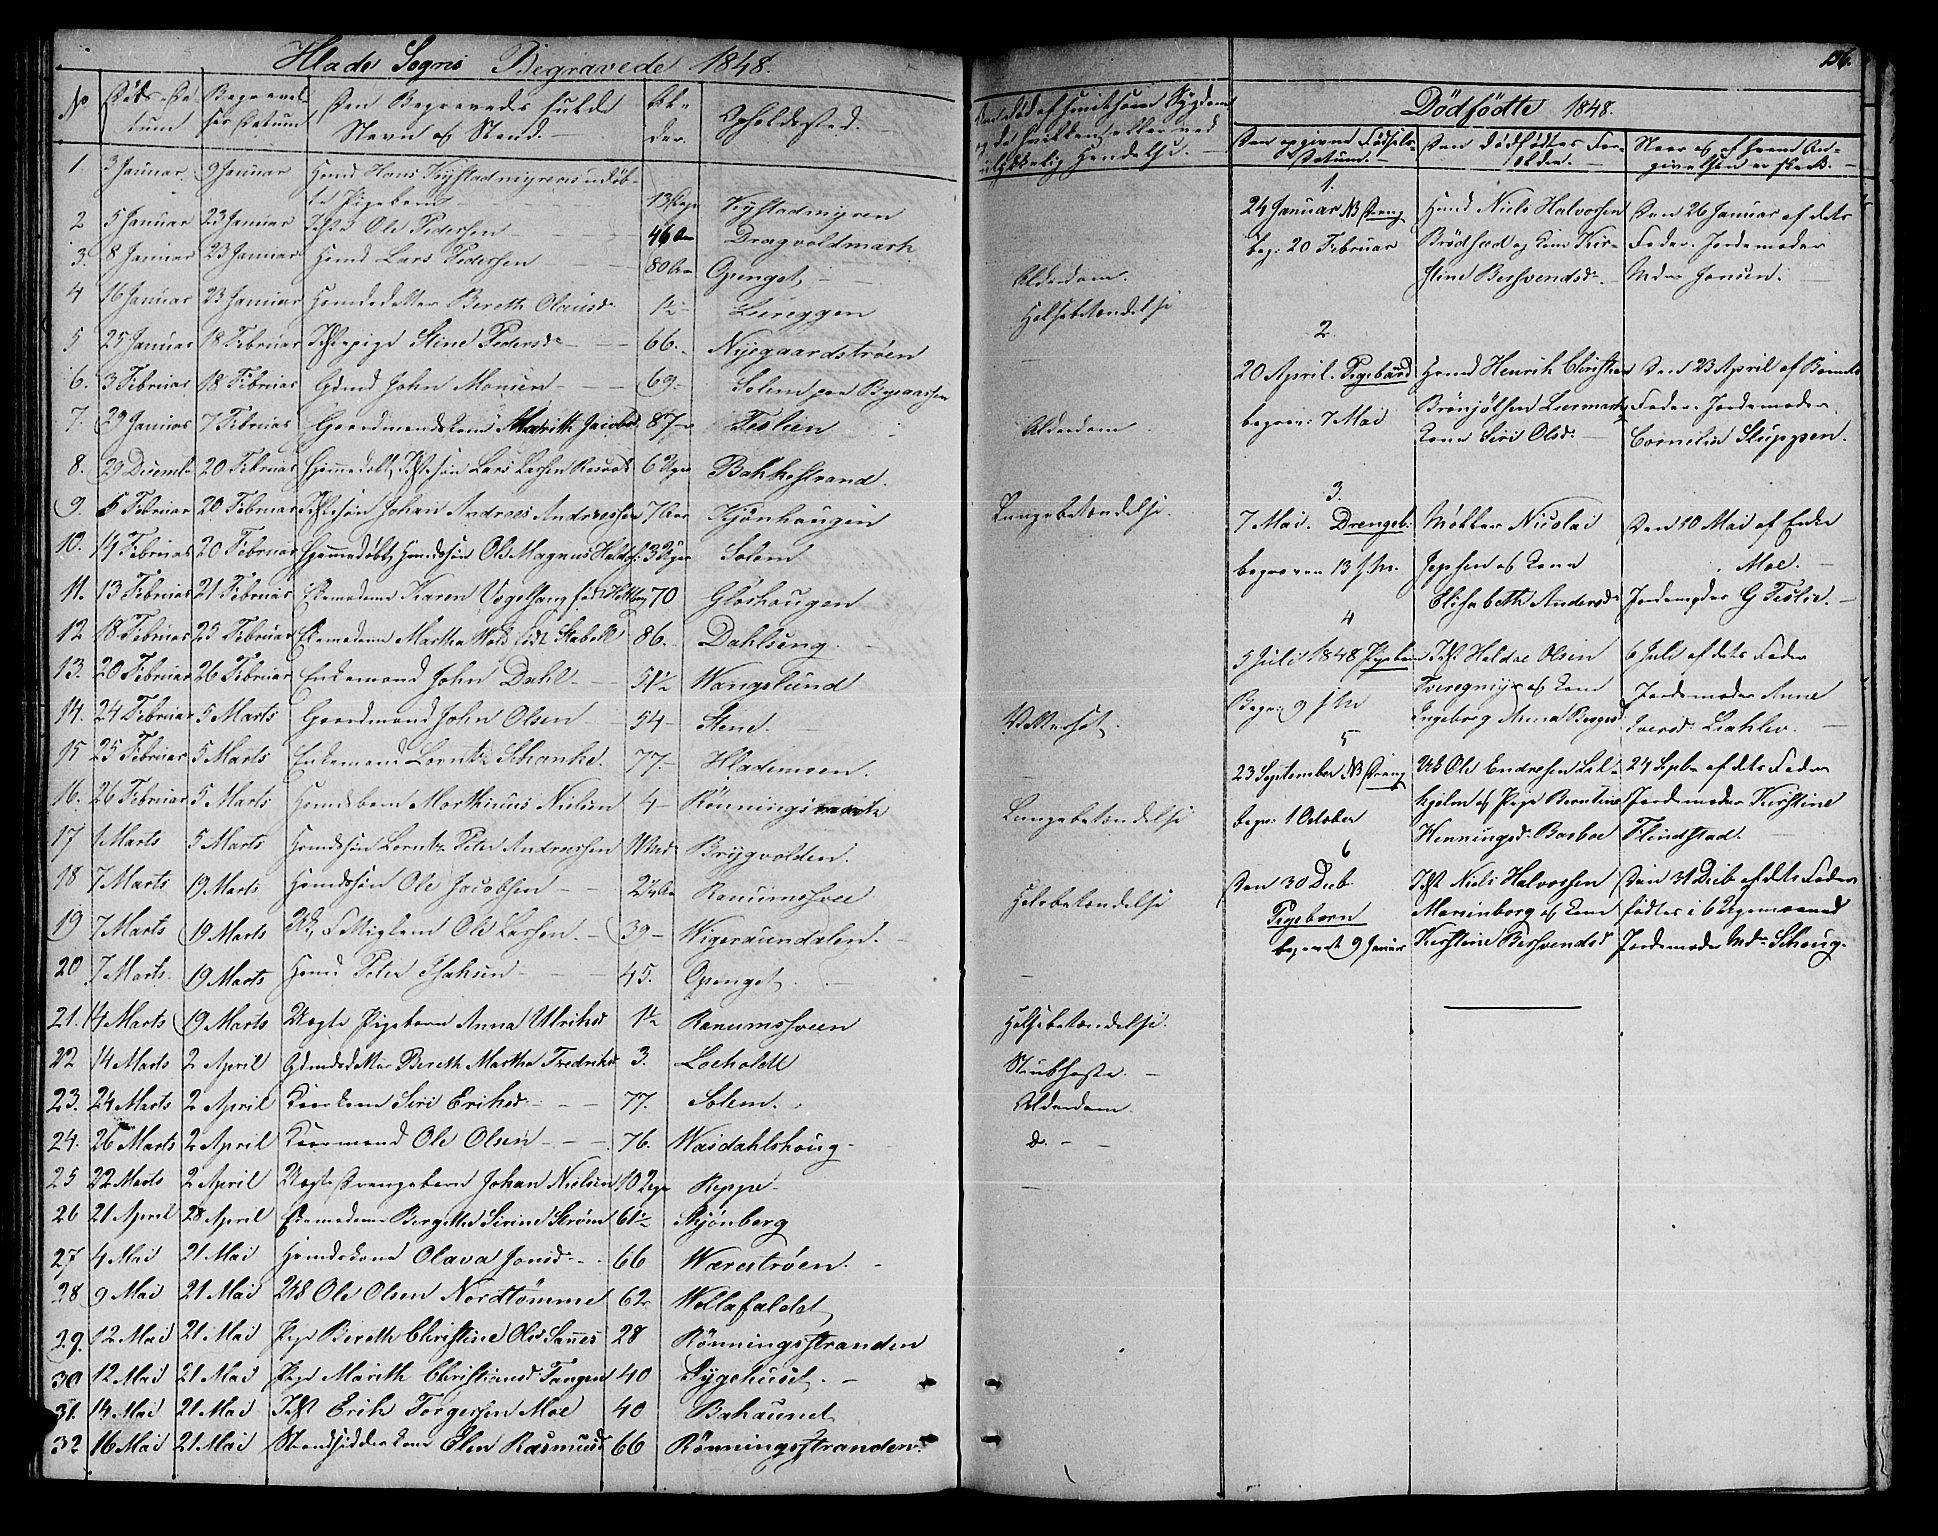 SAT, Ministerialprotokoller, klokkerbøker og fødselsregistre - Sør-Trøndelag, 606/L0309: Klokkerbok nr. 606C05, 1841-1849, s. 156